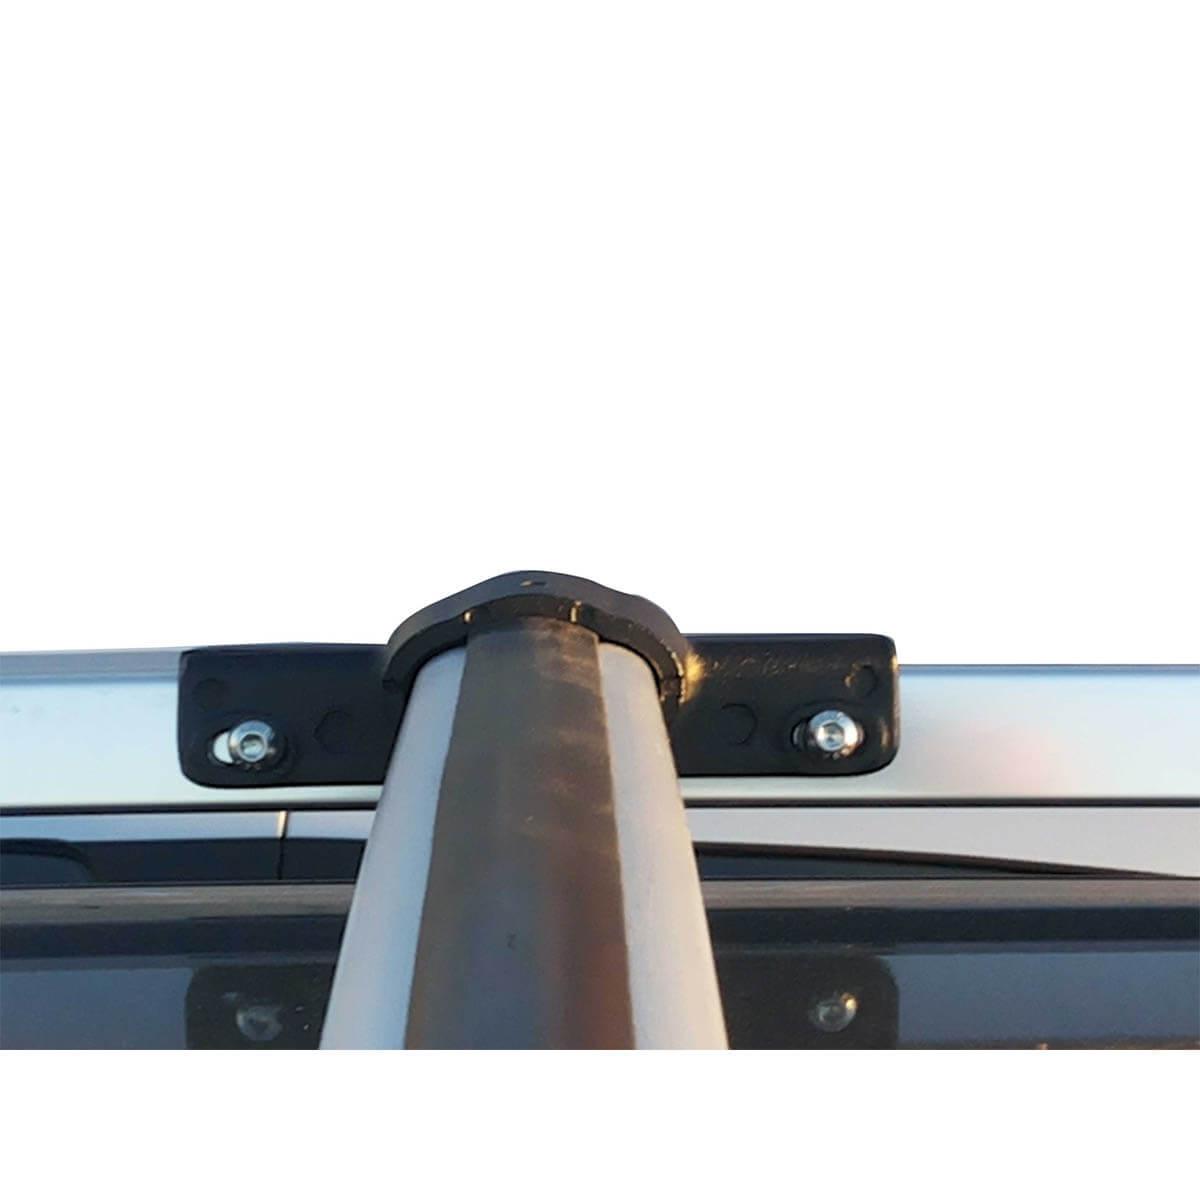 Travessa rack de teto Spin 2013 a 2020 fixação original